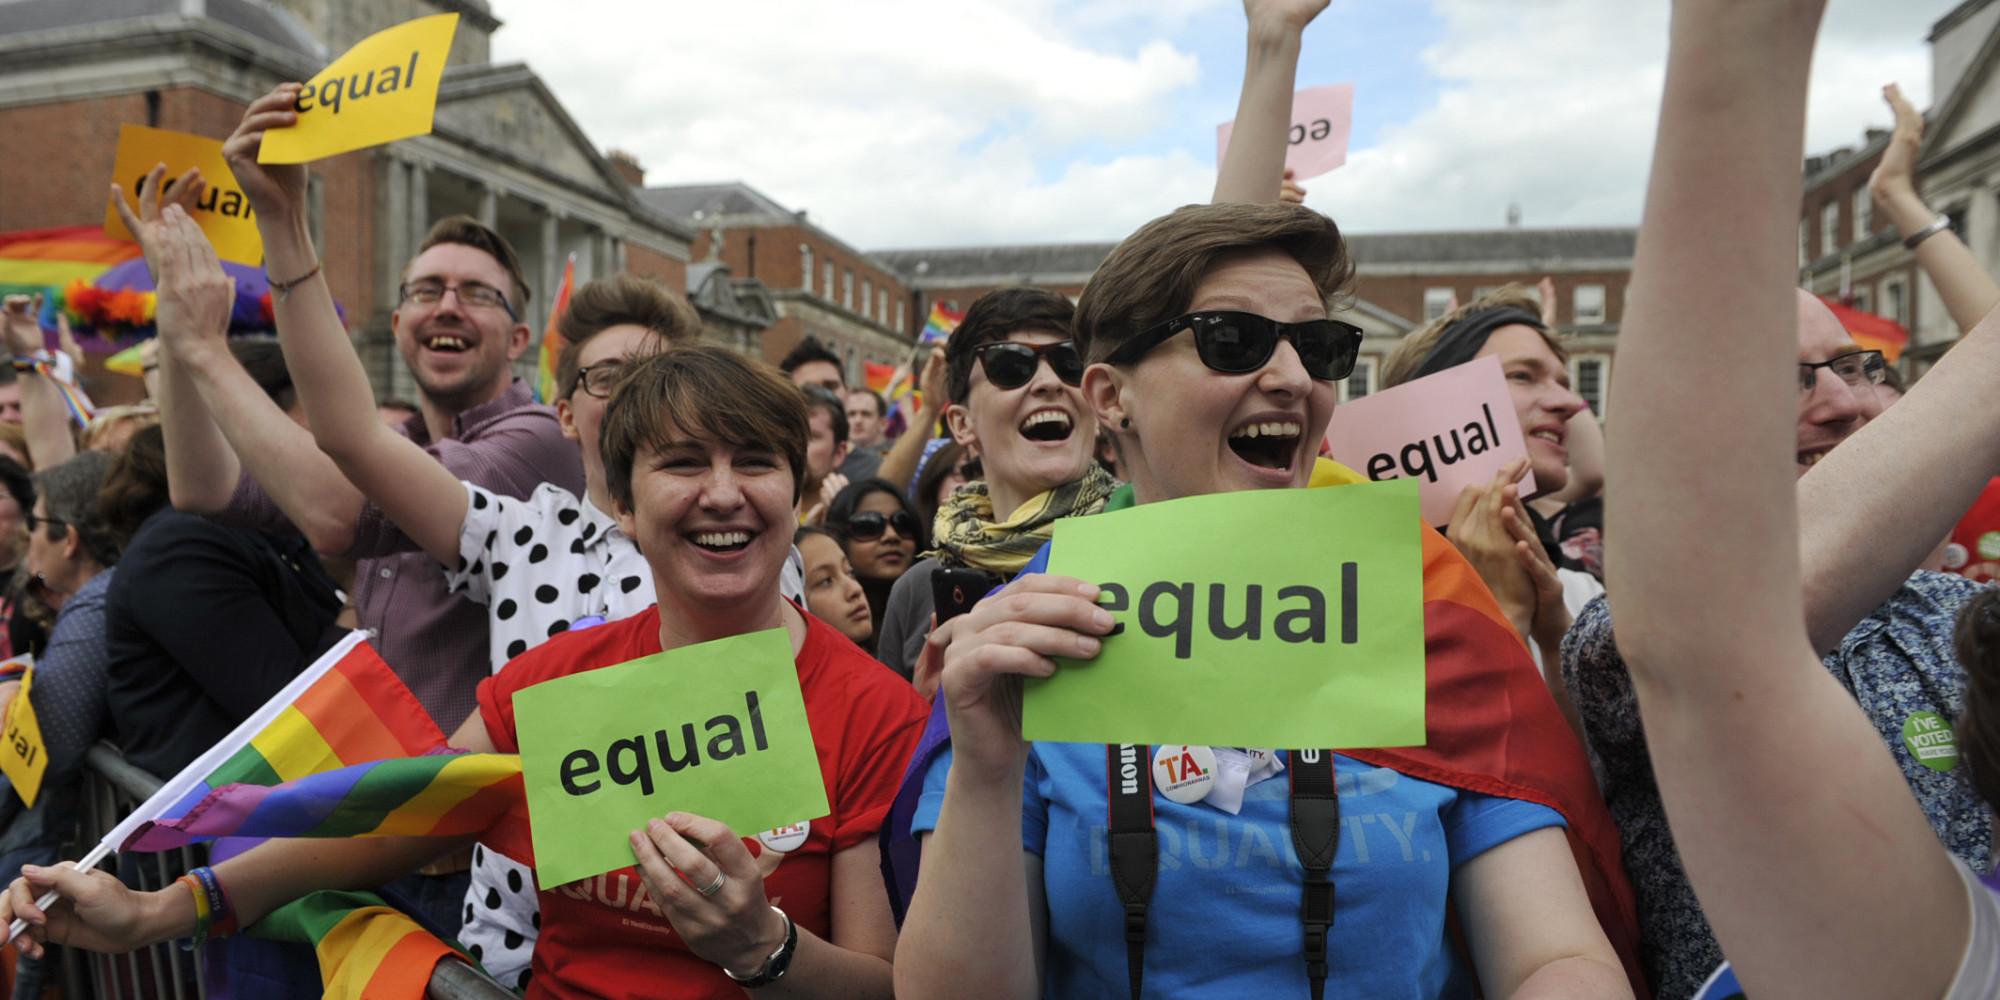 Gay marriage referenda